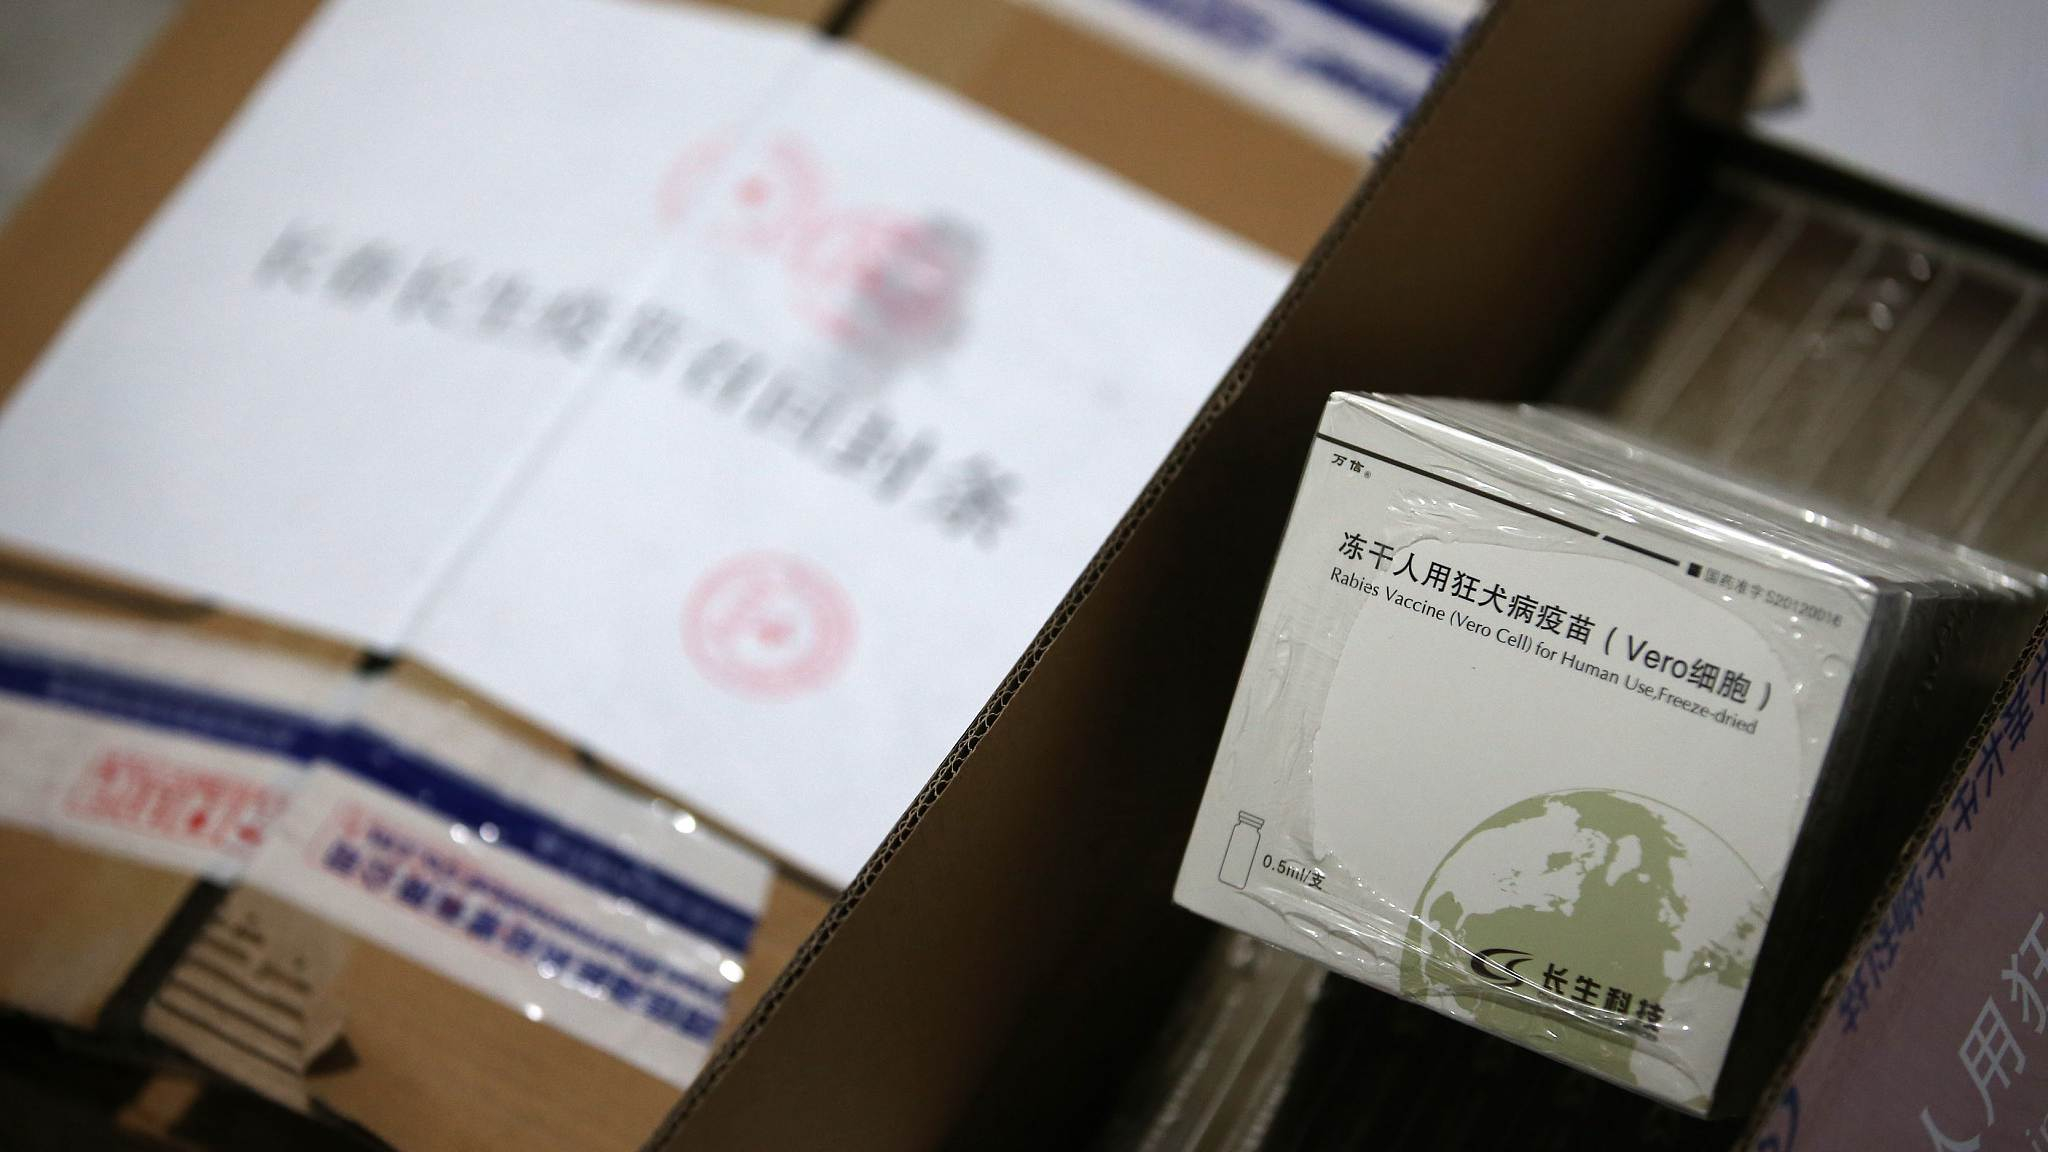 Xi demands medical safety be guaranteed